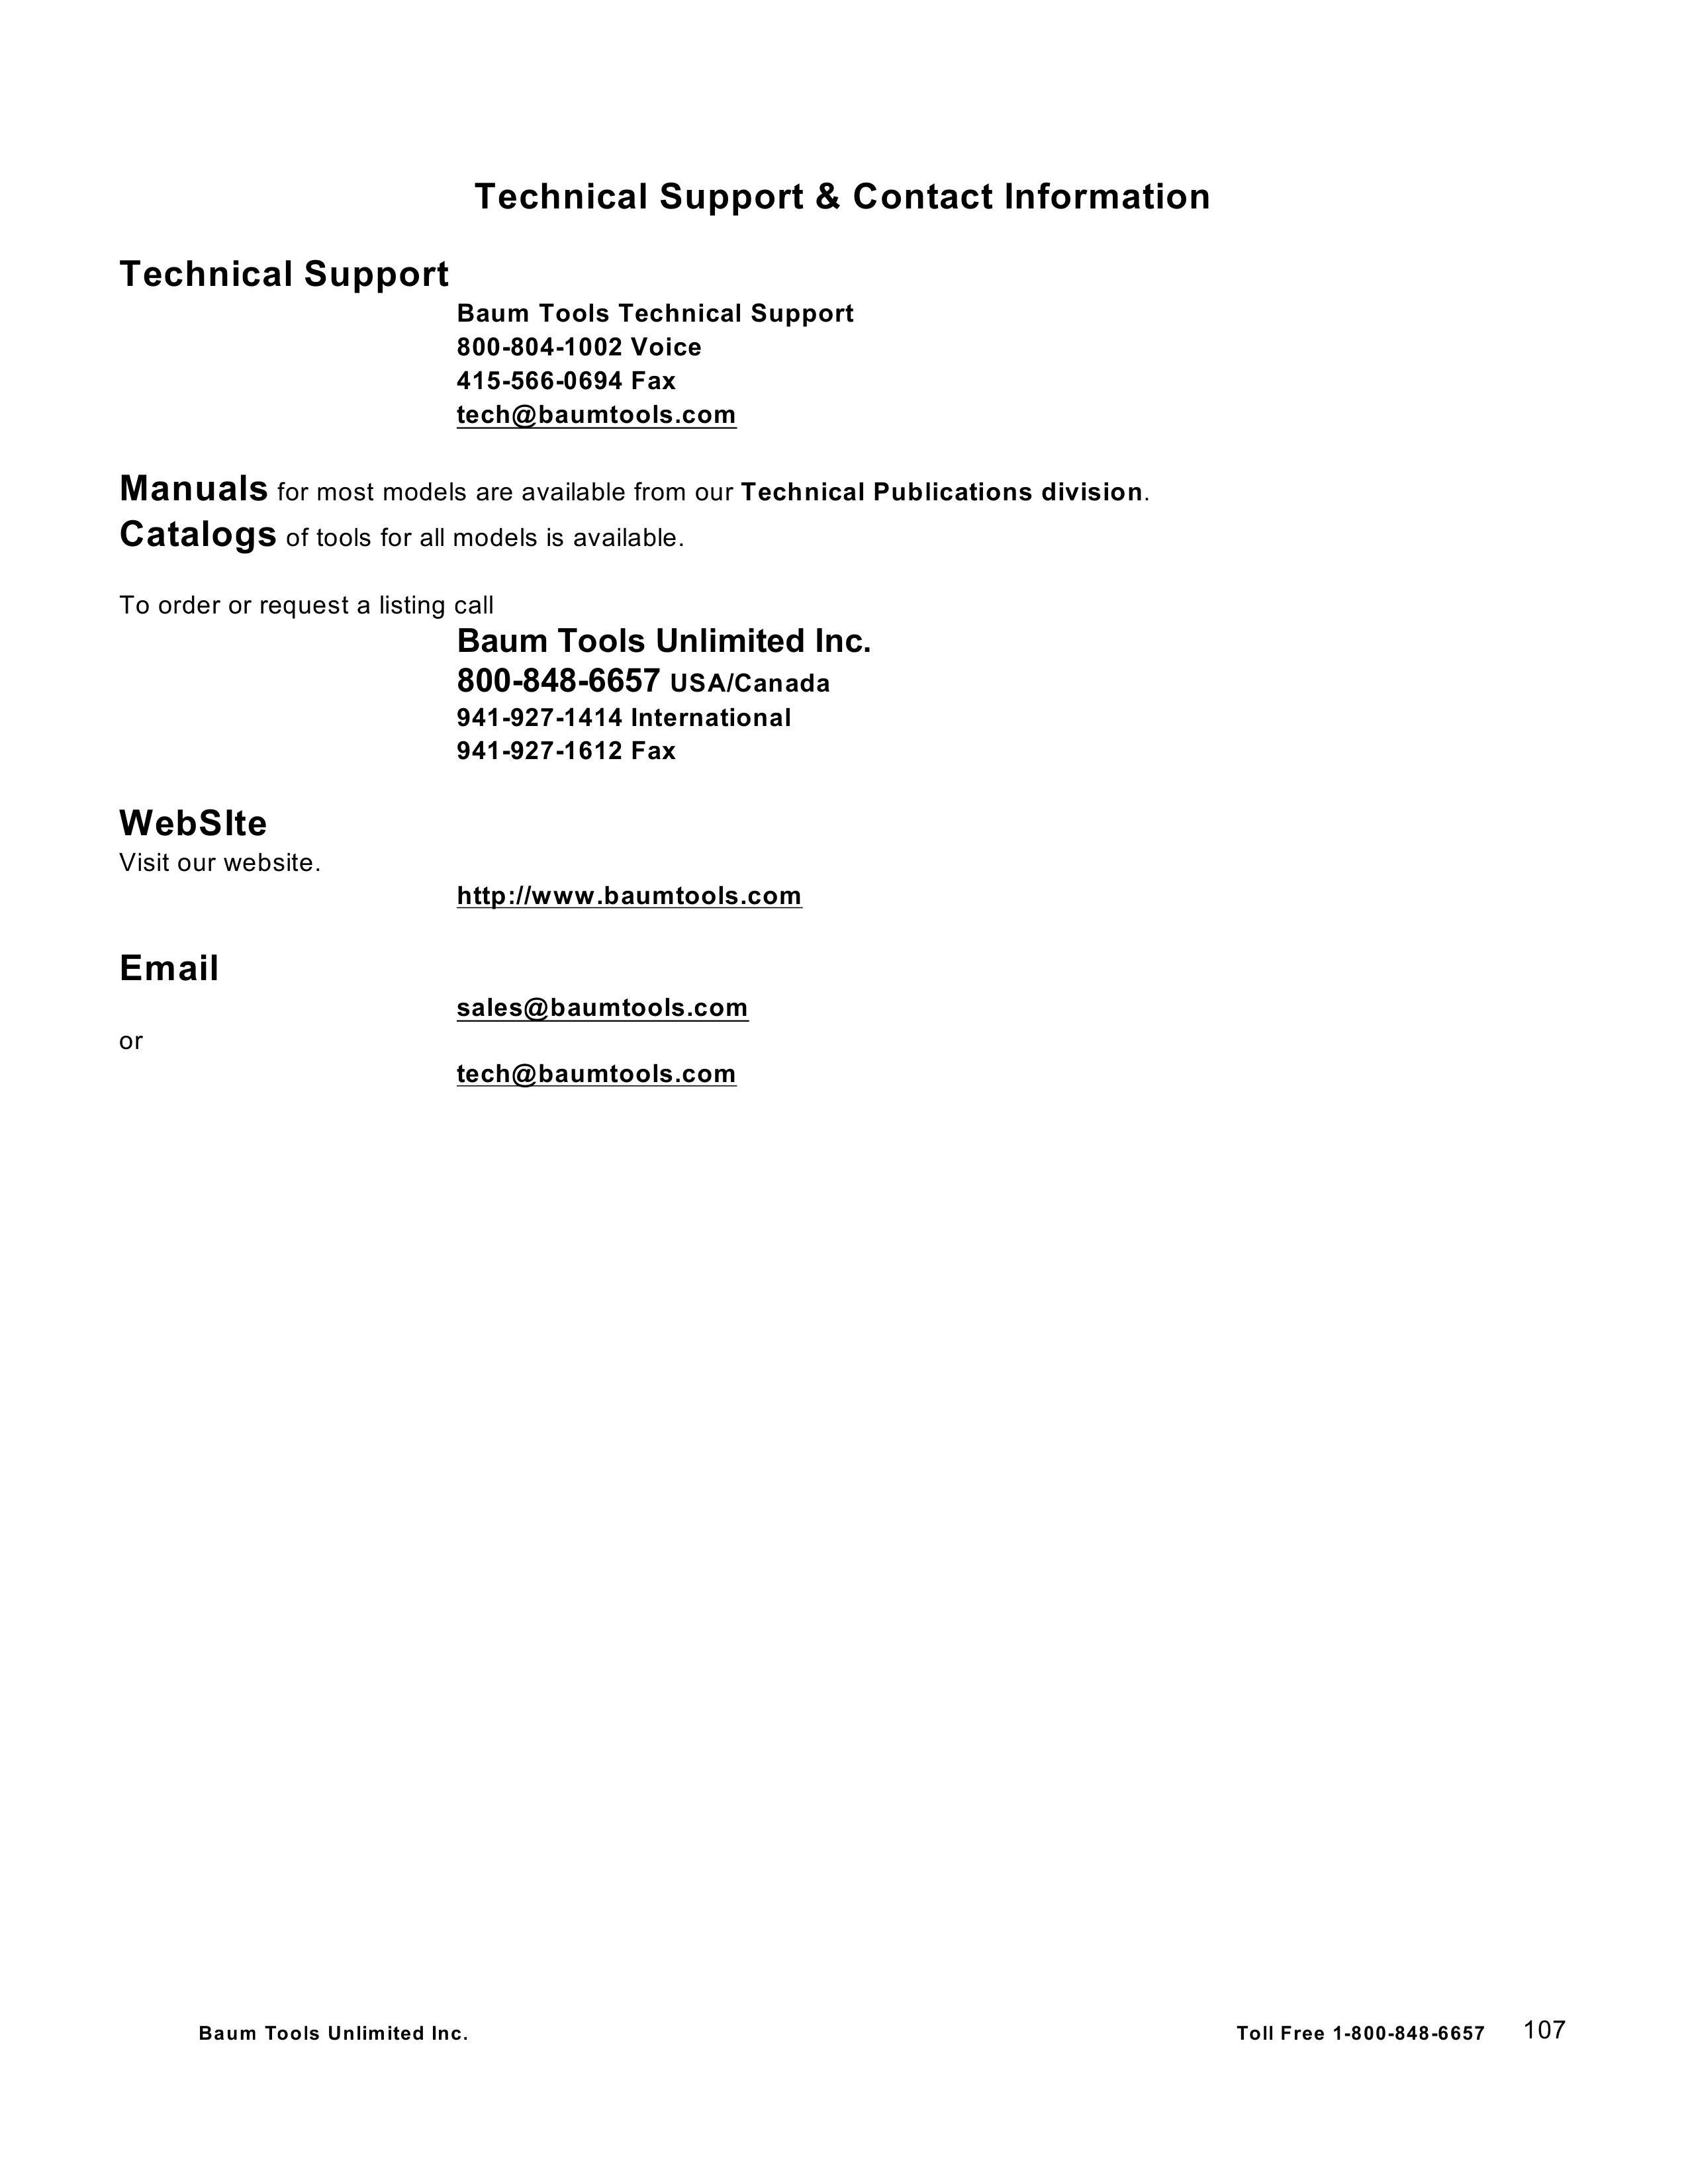 (AJUDA GERAL): Manual de códigos das falhas - analógico e digital - 1988 a 2000 010711